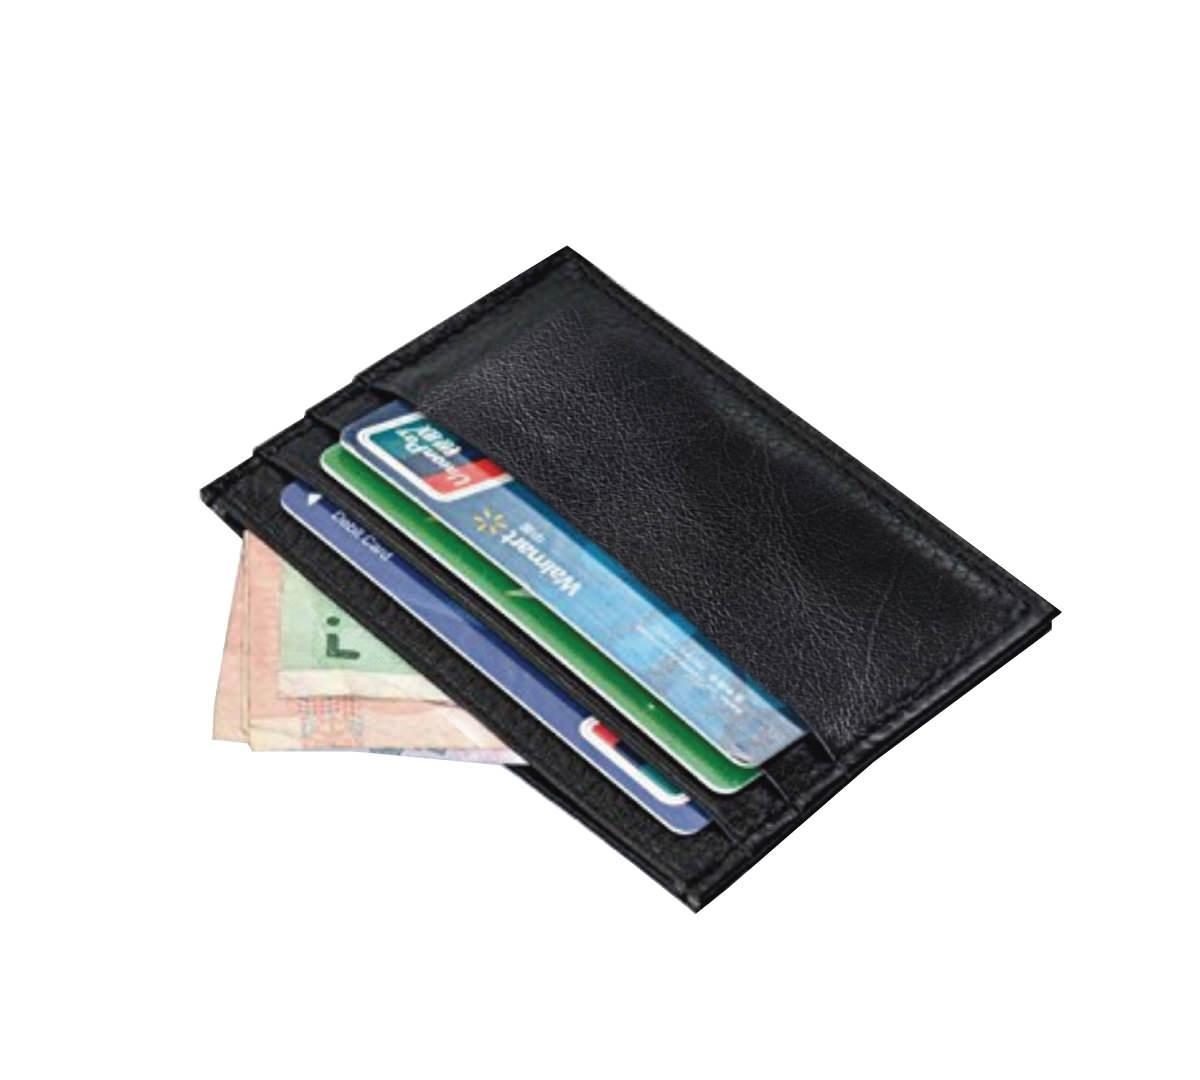 ארנק לכרטיסי אשראי - קסיני